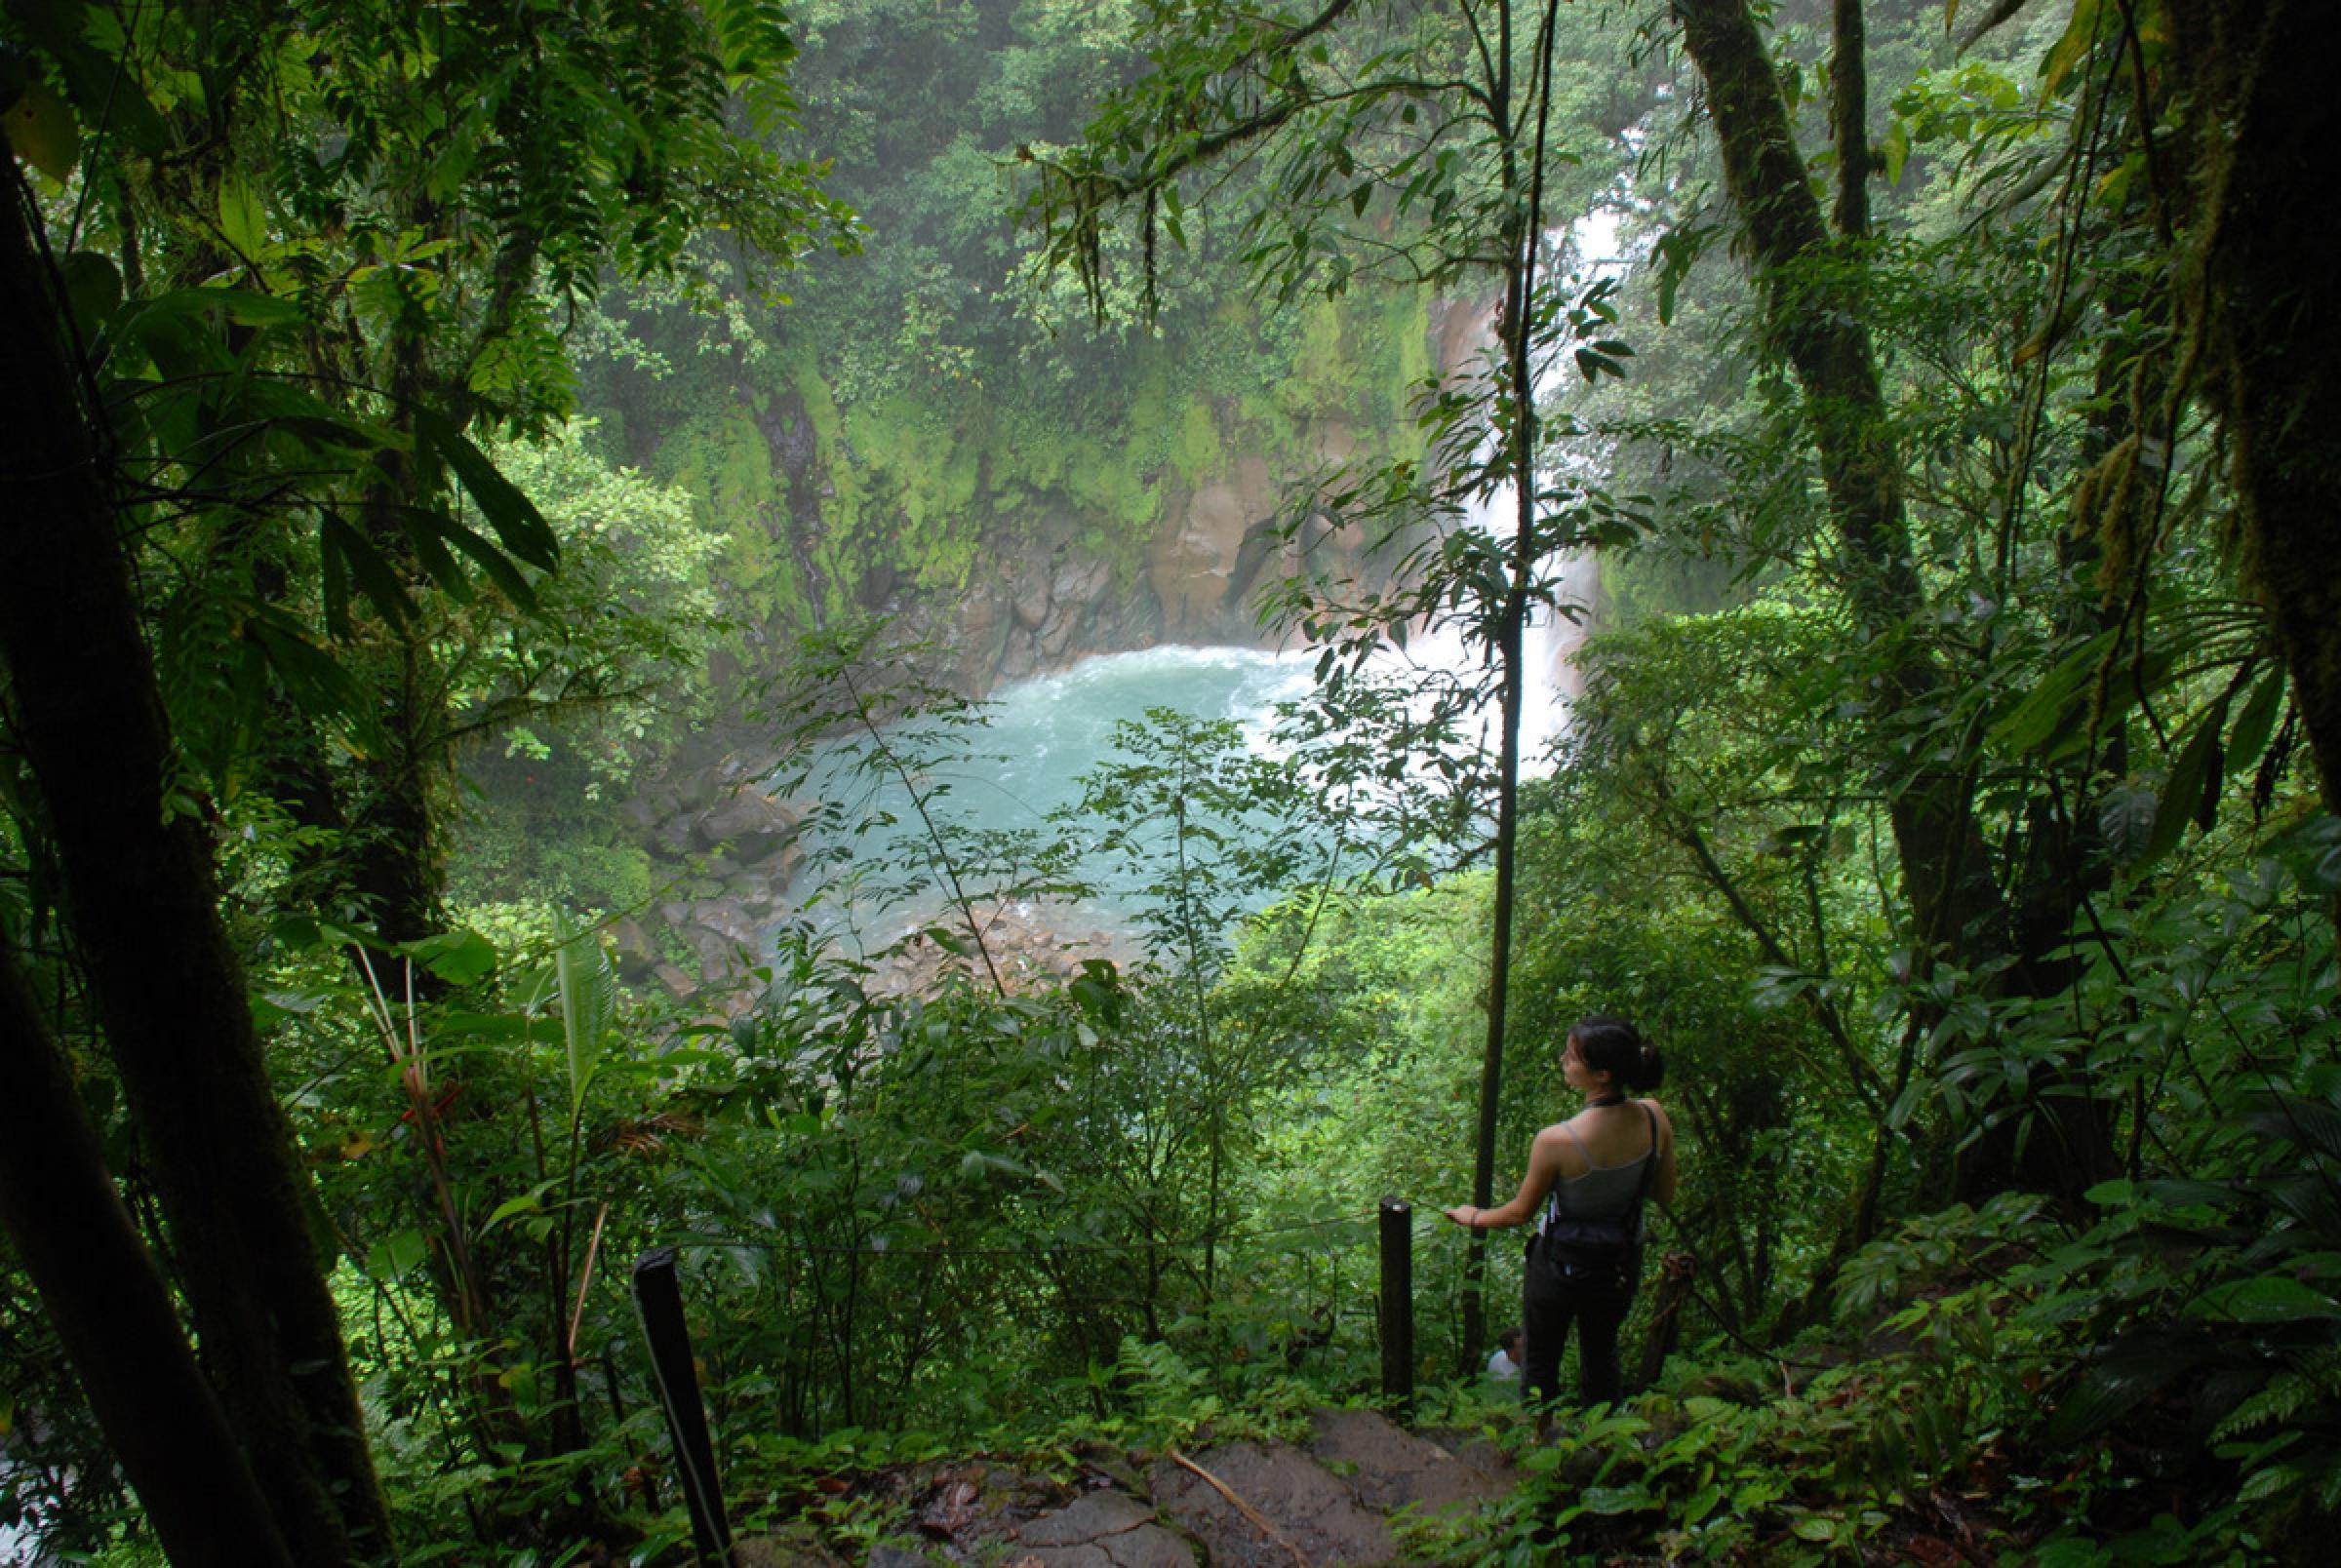 Río Celeste & Caminata Guiada por el bosque del Volcán Tenorio